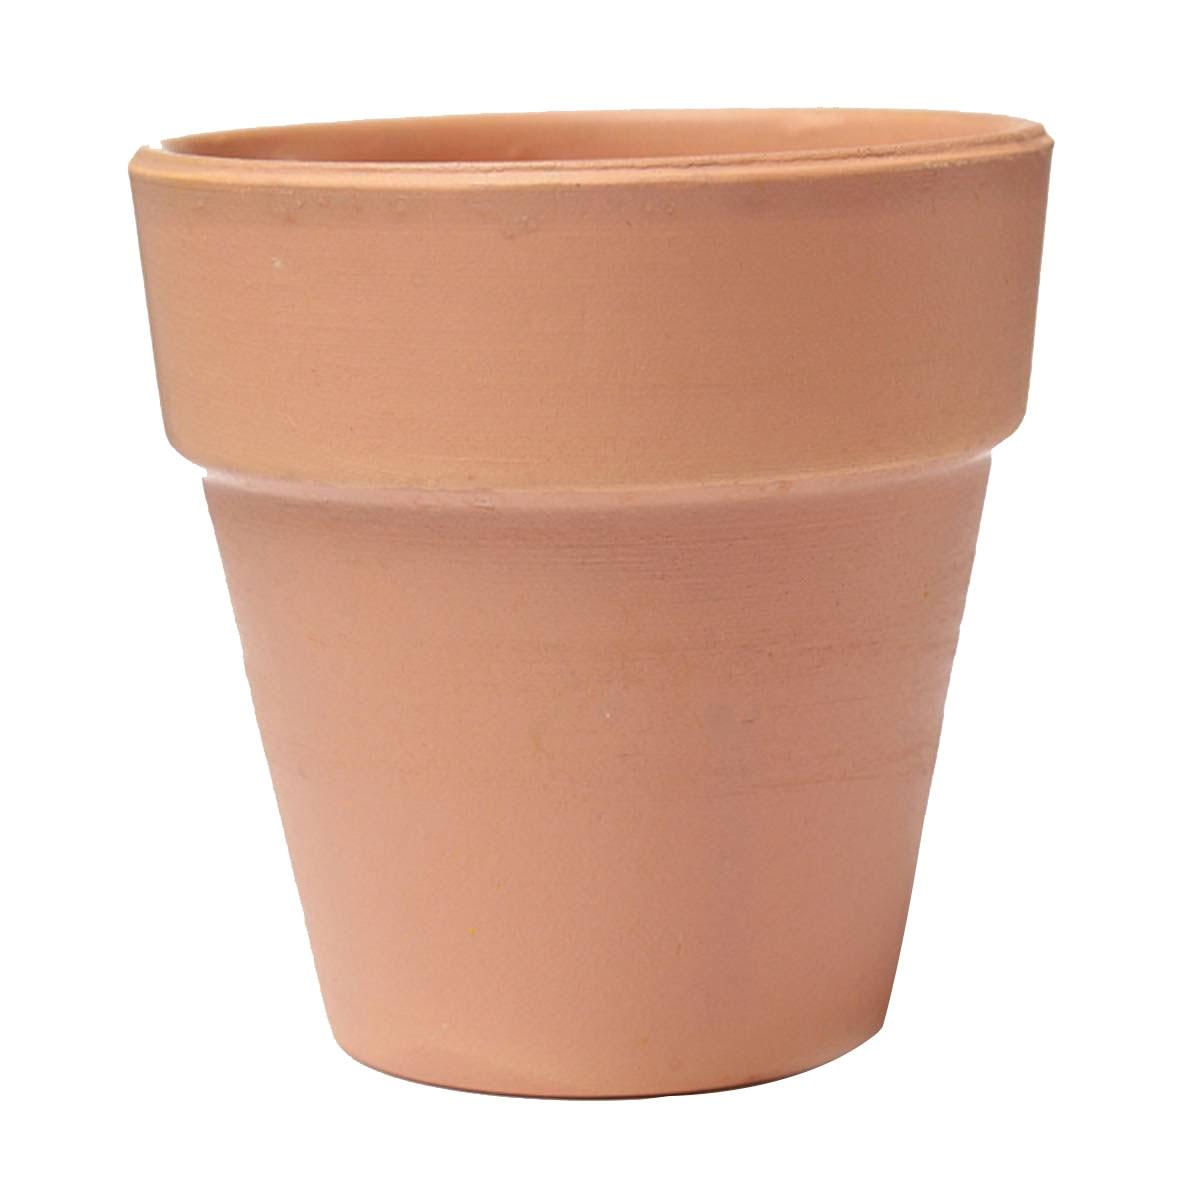 Терракота глиняный горшок Керамика керамика кашпо цветочные горшки держатель Декор для дома и сада